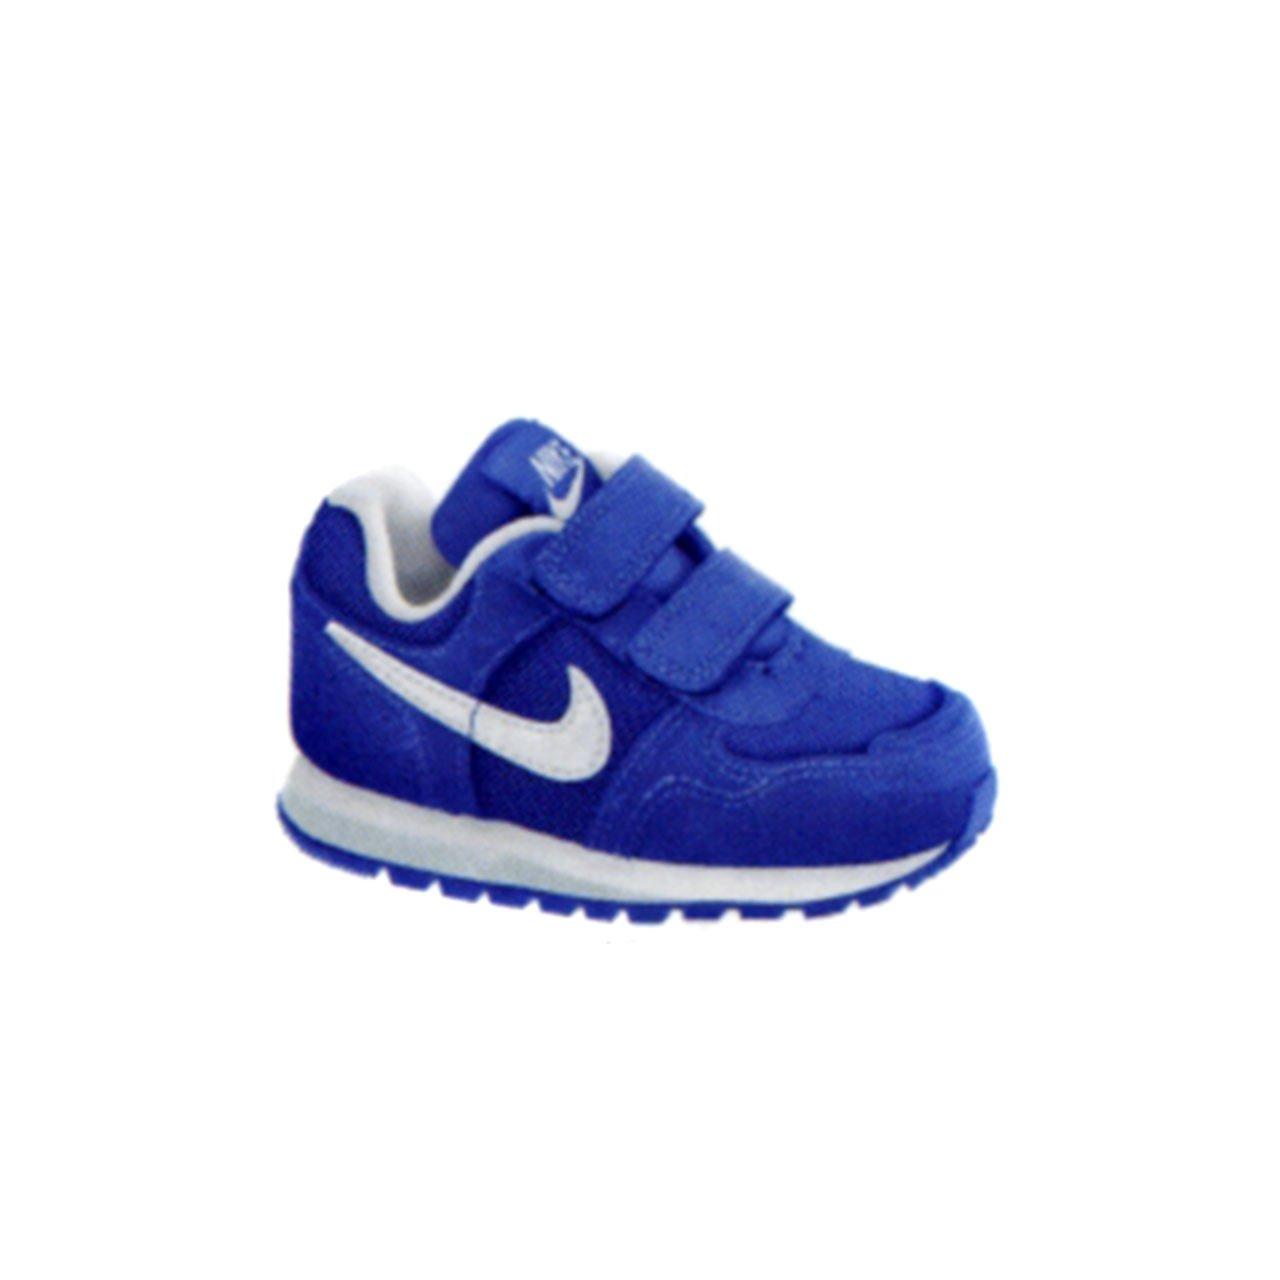 NIKE Md Runner TDV, Unisex Babies' Low-Top Sneakers Unisex Babies' Low-Top Sneakers